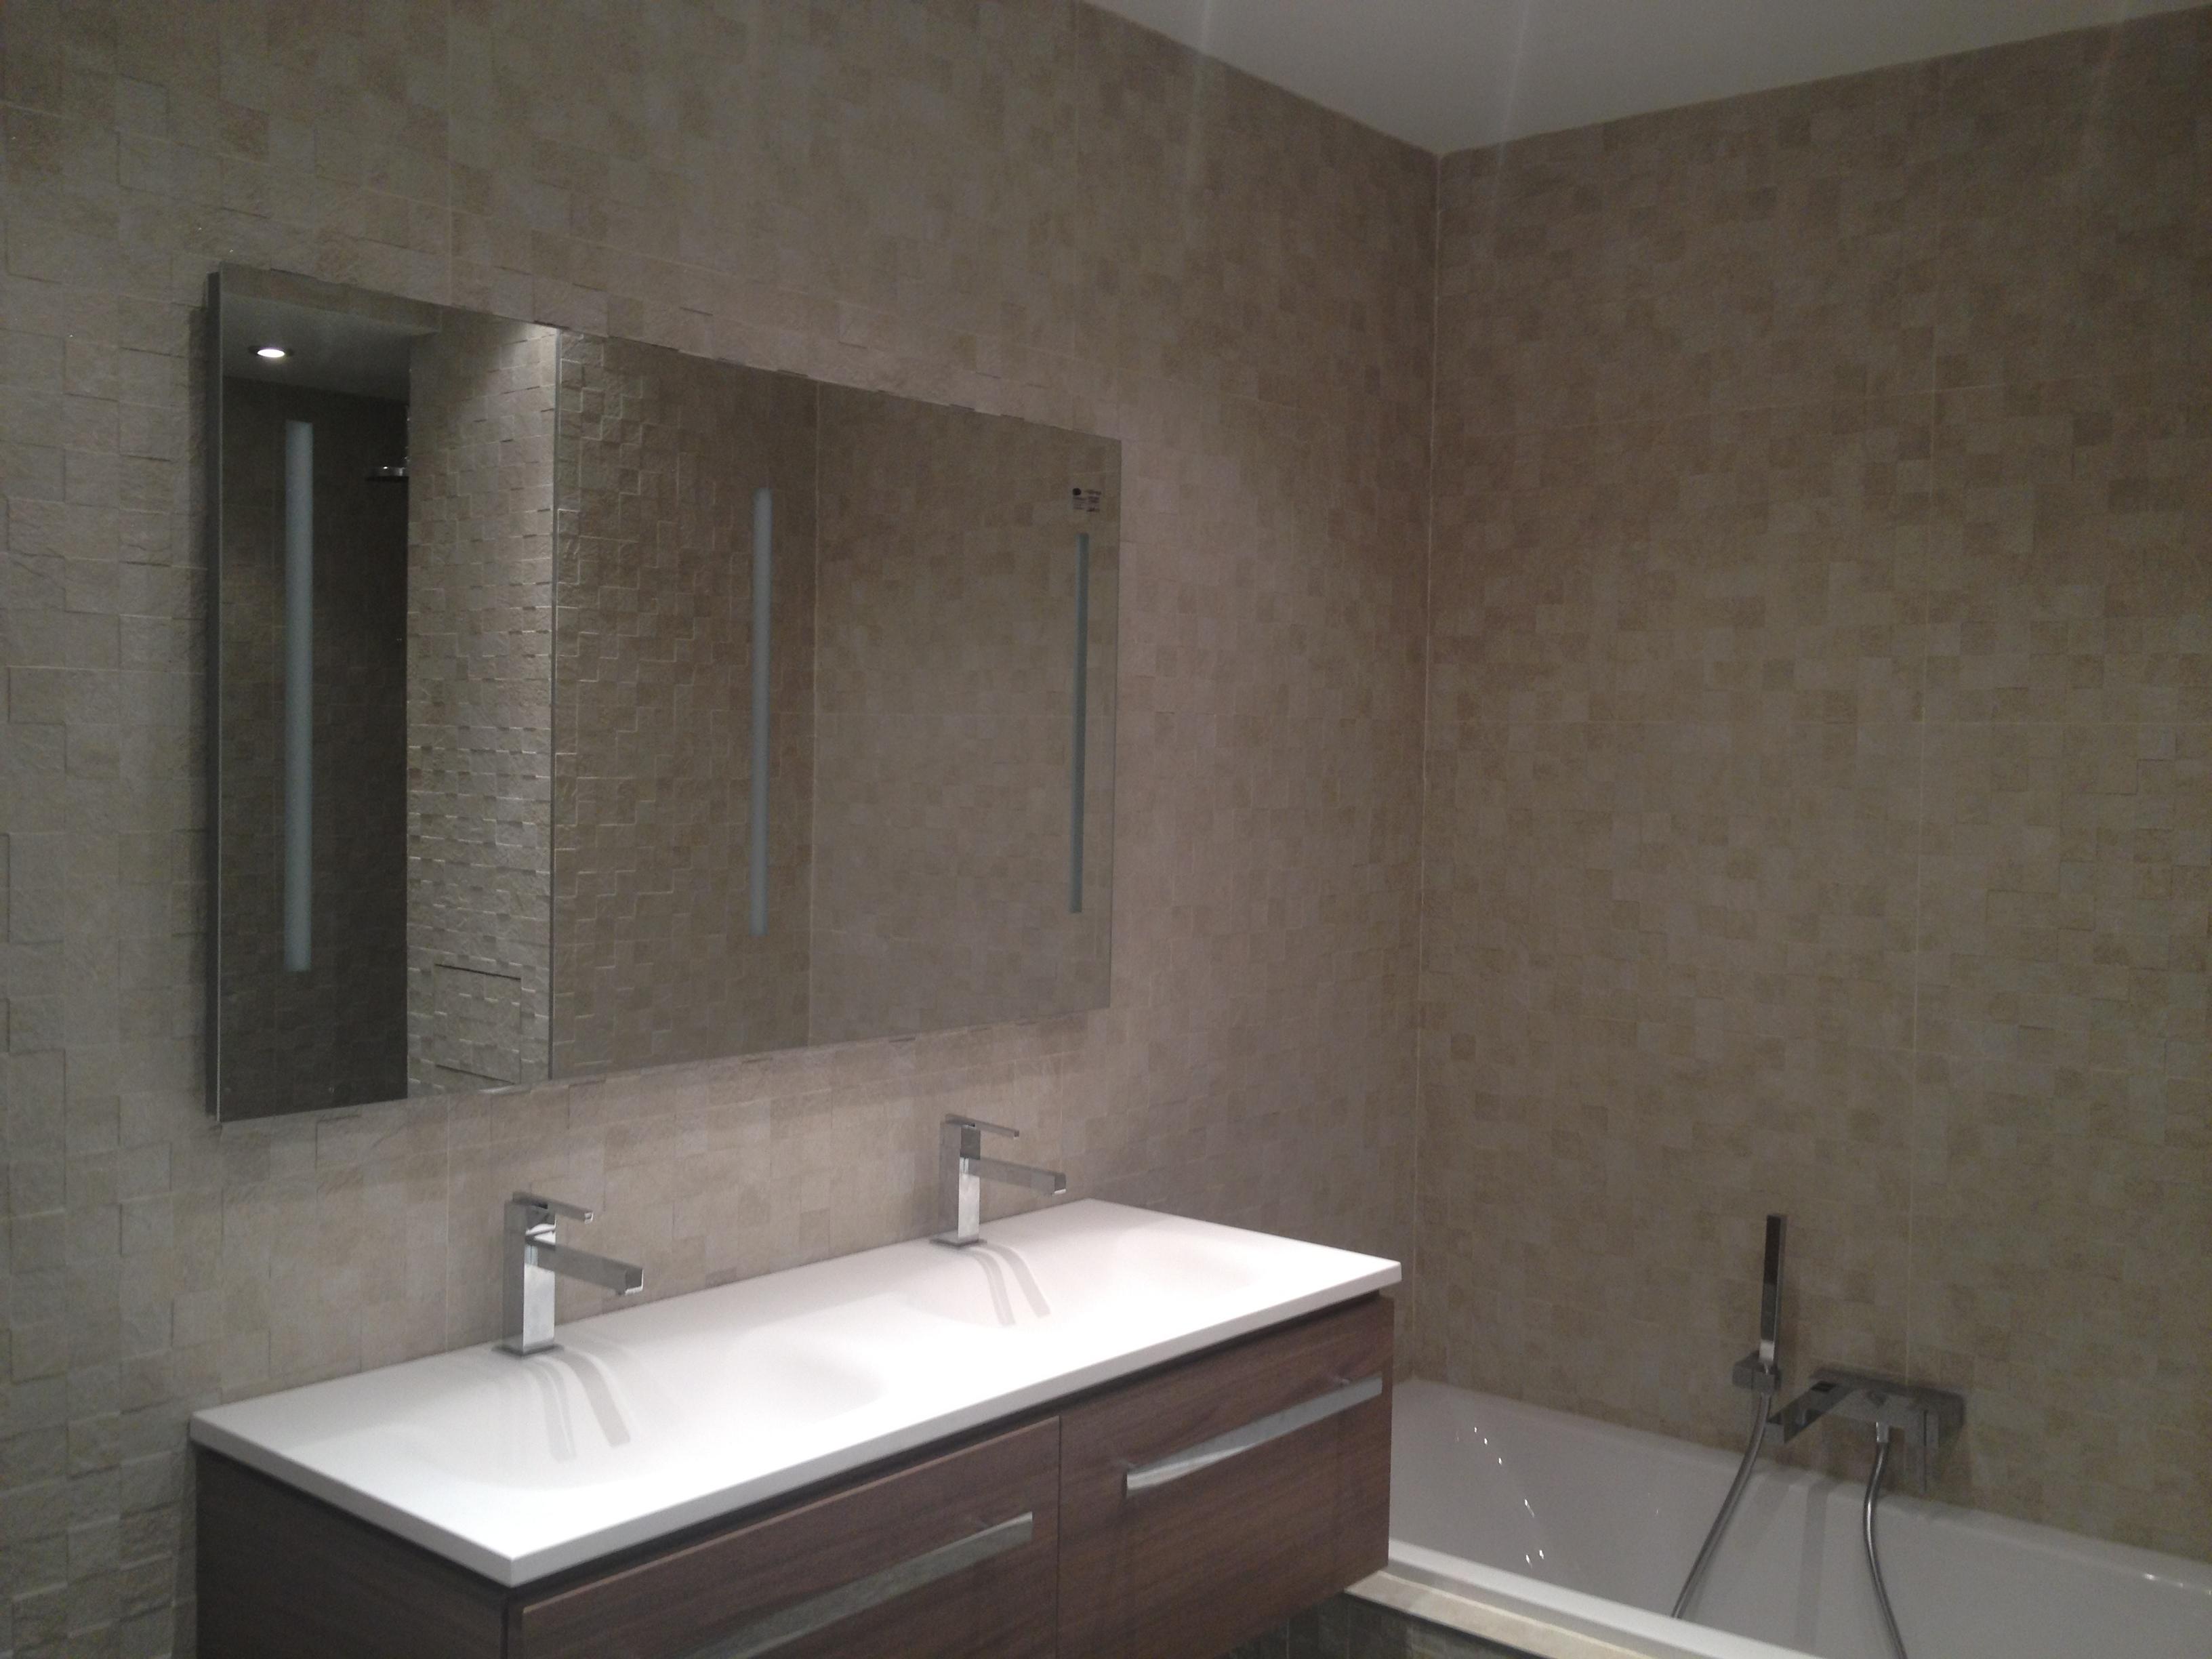 salle de bain 3d nolan 28 images salle de bain en 3d